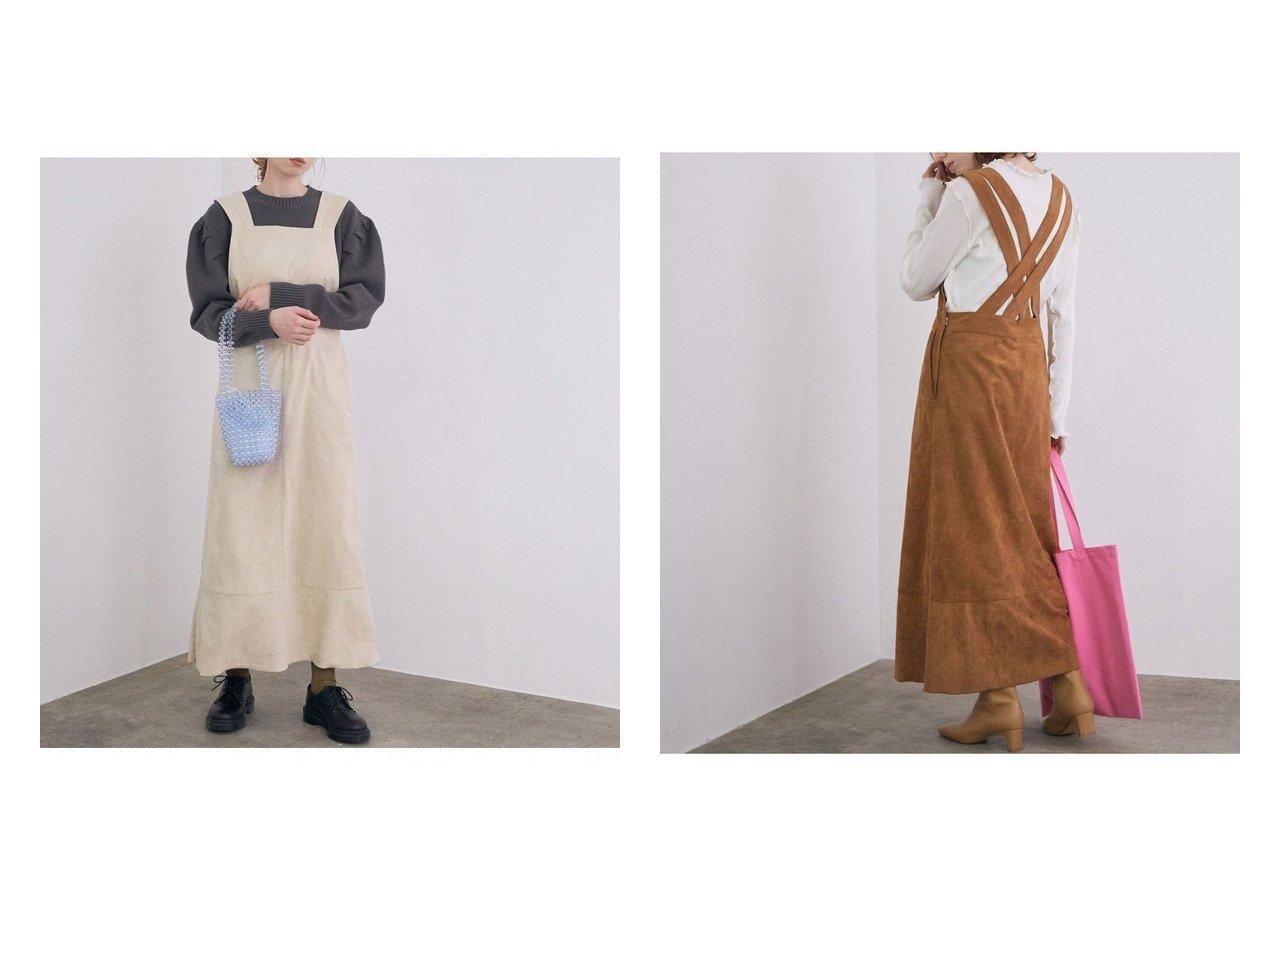 【ROPE' mademoiselle/ロペ マドモアゼル】のフェイクスエードジャンパースカート スカートのおすすめ!人気、トレンド・レディースファッションの通販 おすすめで人気の流行・トレンド、ファッションの通販商品 メンズファッション・キッズファッション・インテリア・家具・レディースファッション・服の通販 founy(ファニー) https://founy.com/ ファッション Fashion レディースファッション WOMEN スカート Skirt NEW・新作・新着・新入荷 New Arrivals インナー ダブル フェイクスエード フェミニン ポケット |ID:crp329100000014435